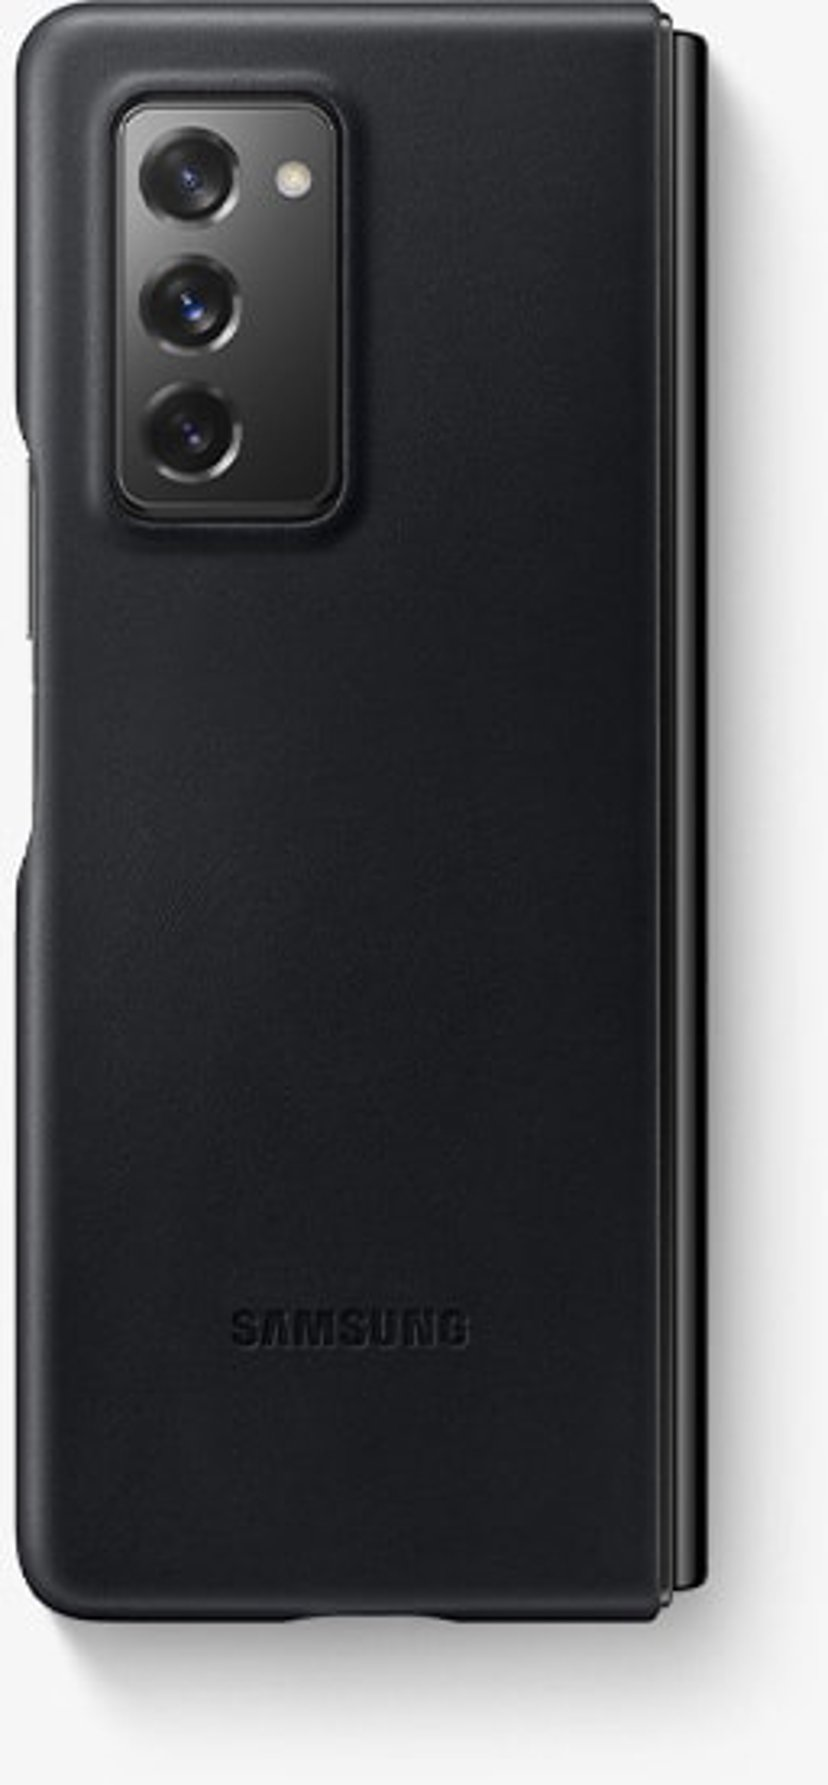 Samsung Leather Cover EF-VF916 Samsung Galaxy Z Fold2 Sort